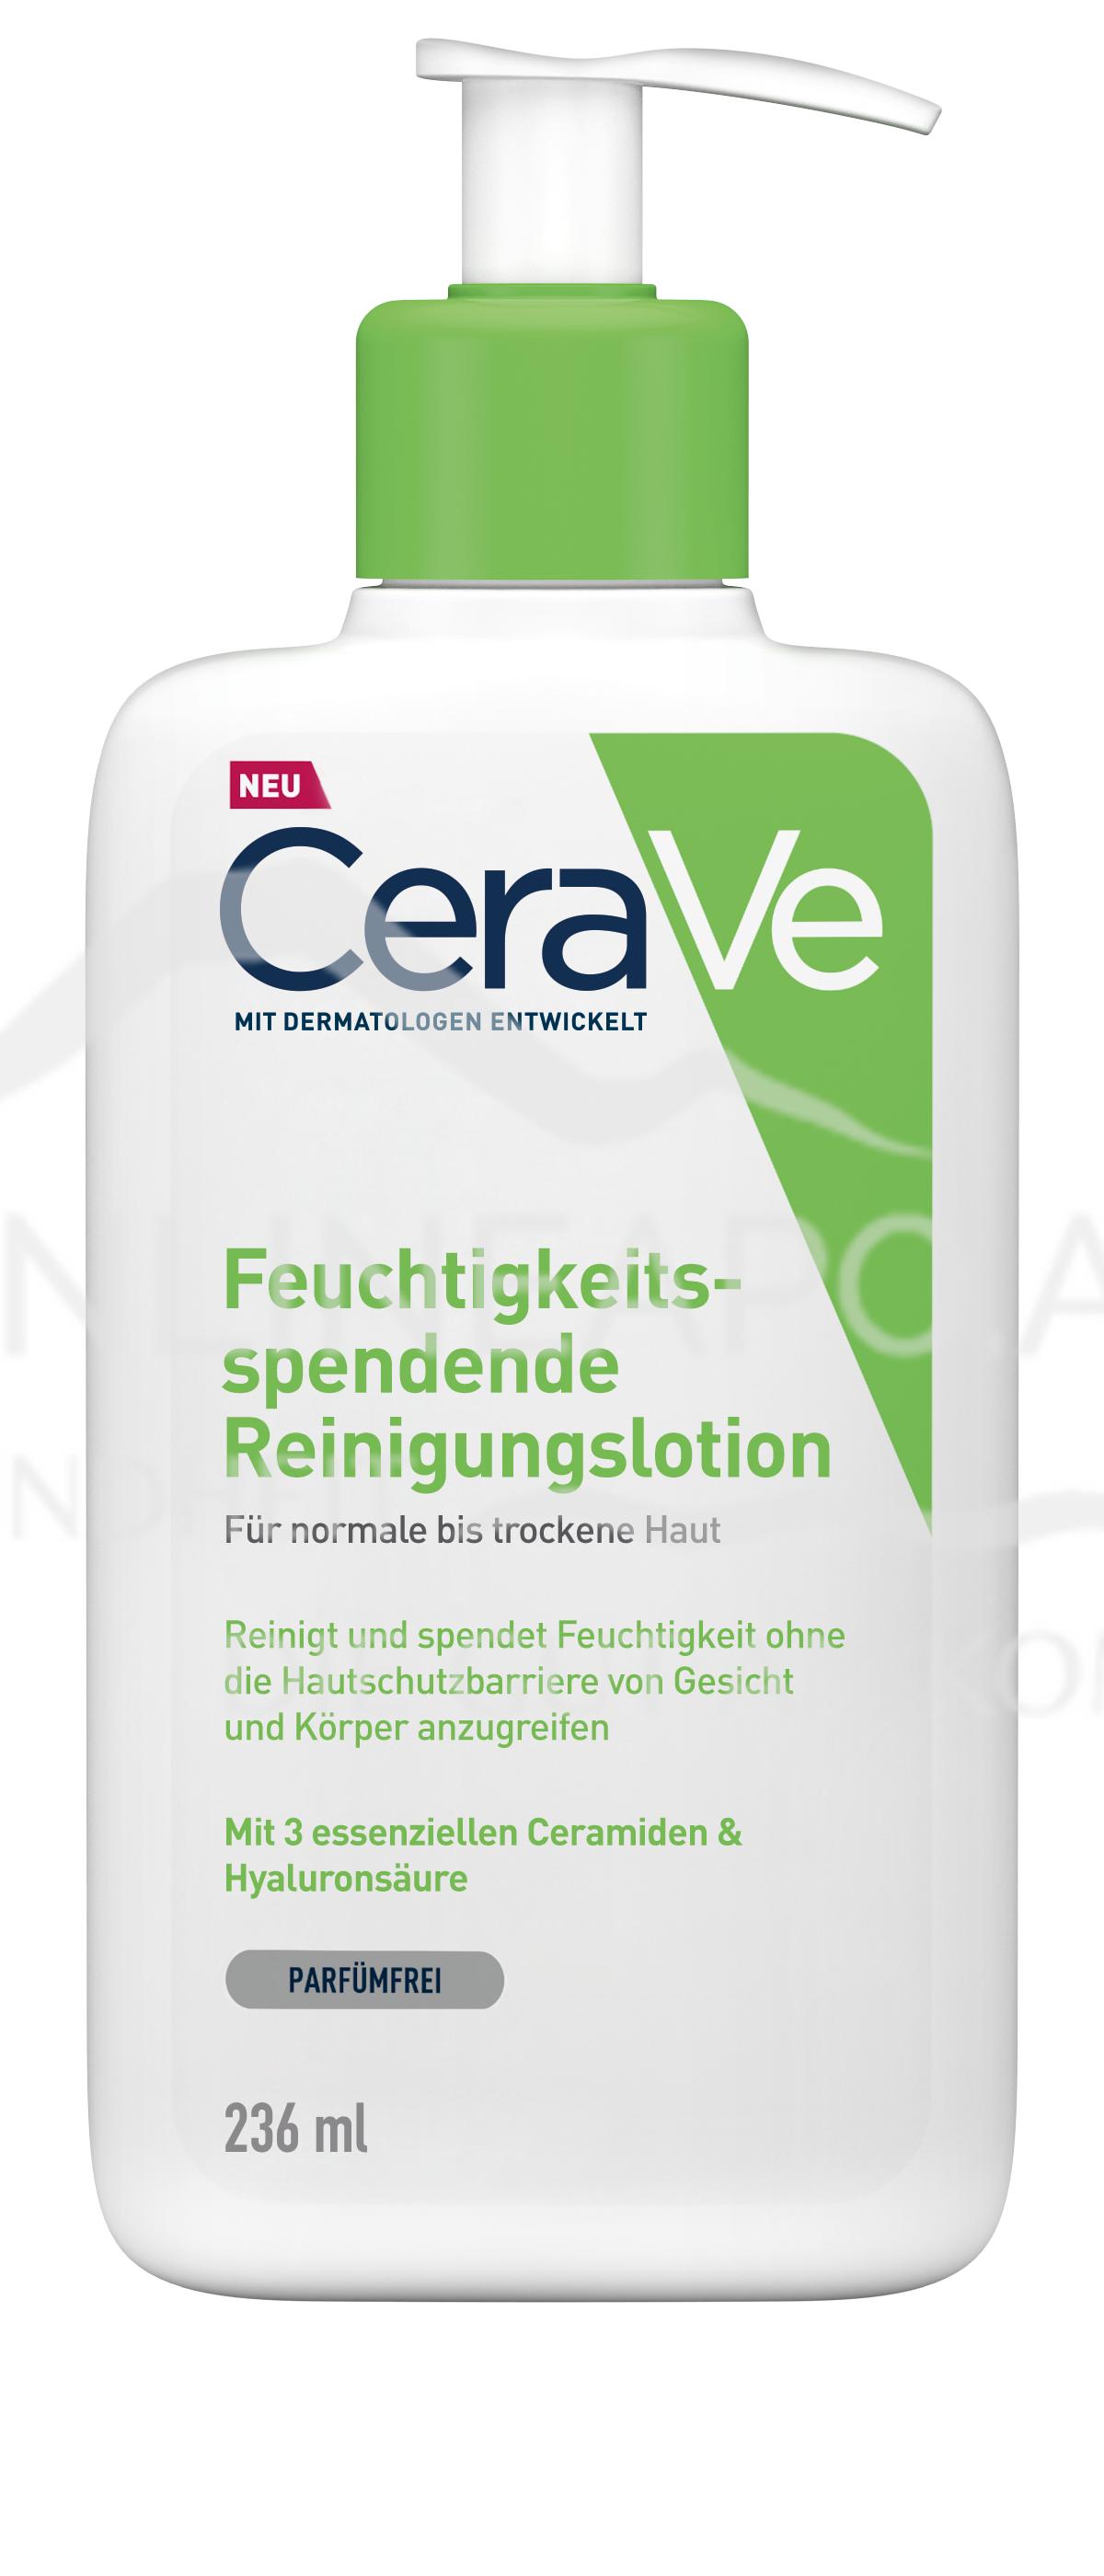 CeraVe® Feuchtigkeitsspendende Reinigungslotion